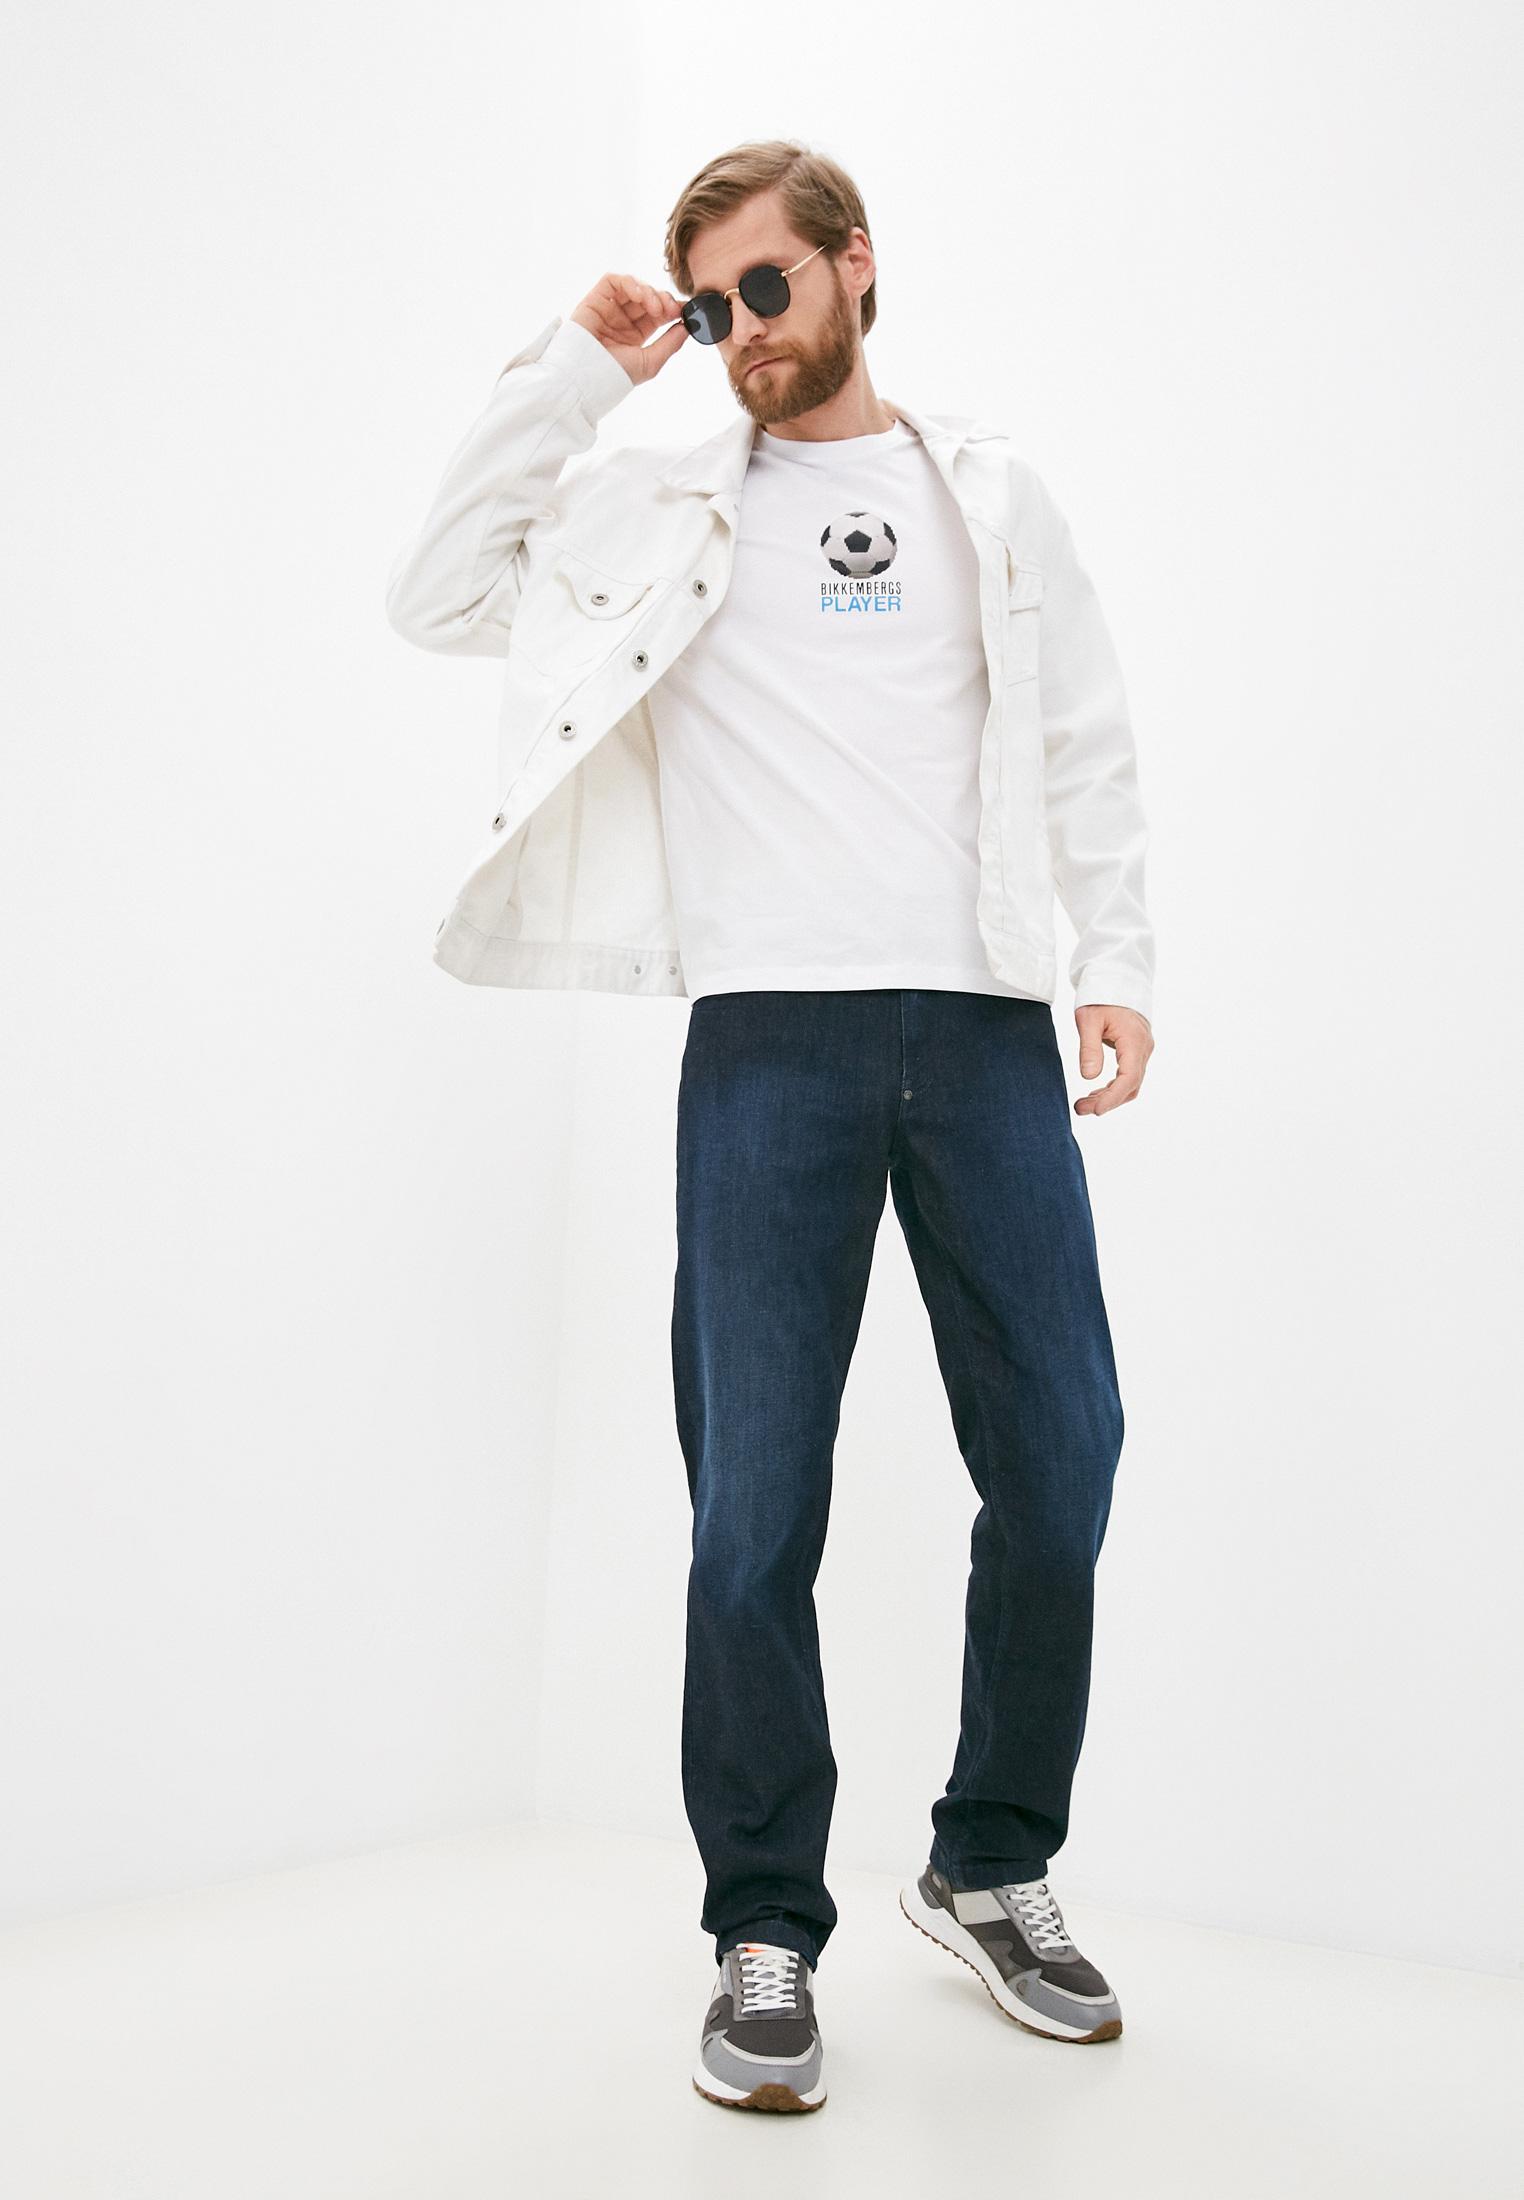 Мужская футболка Bikkembergs (Биккембергс) C 4 101 02 E 2231: изображение 3